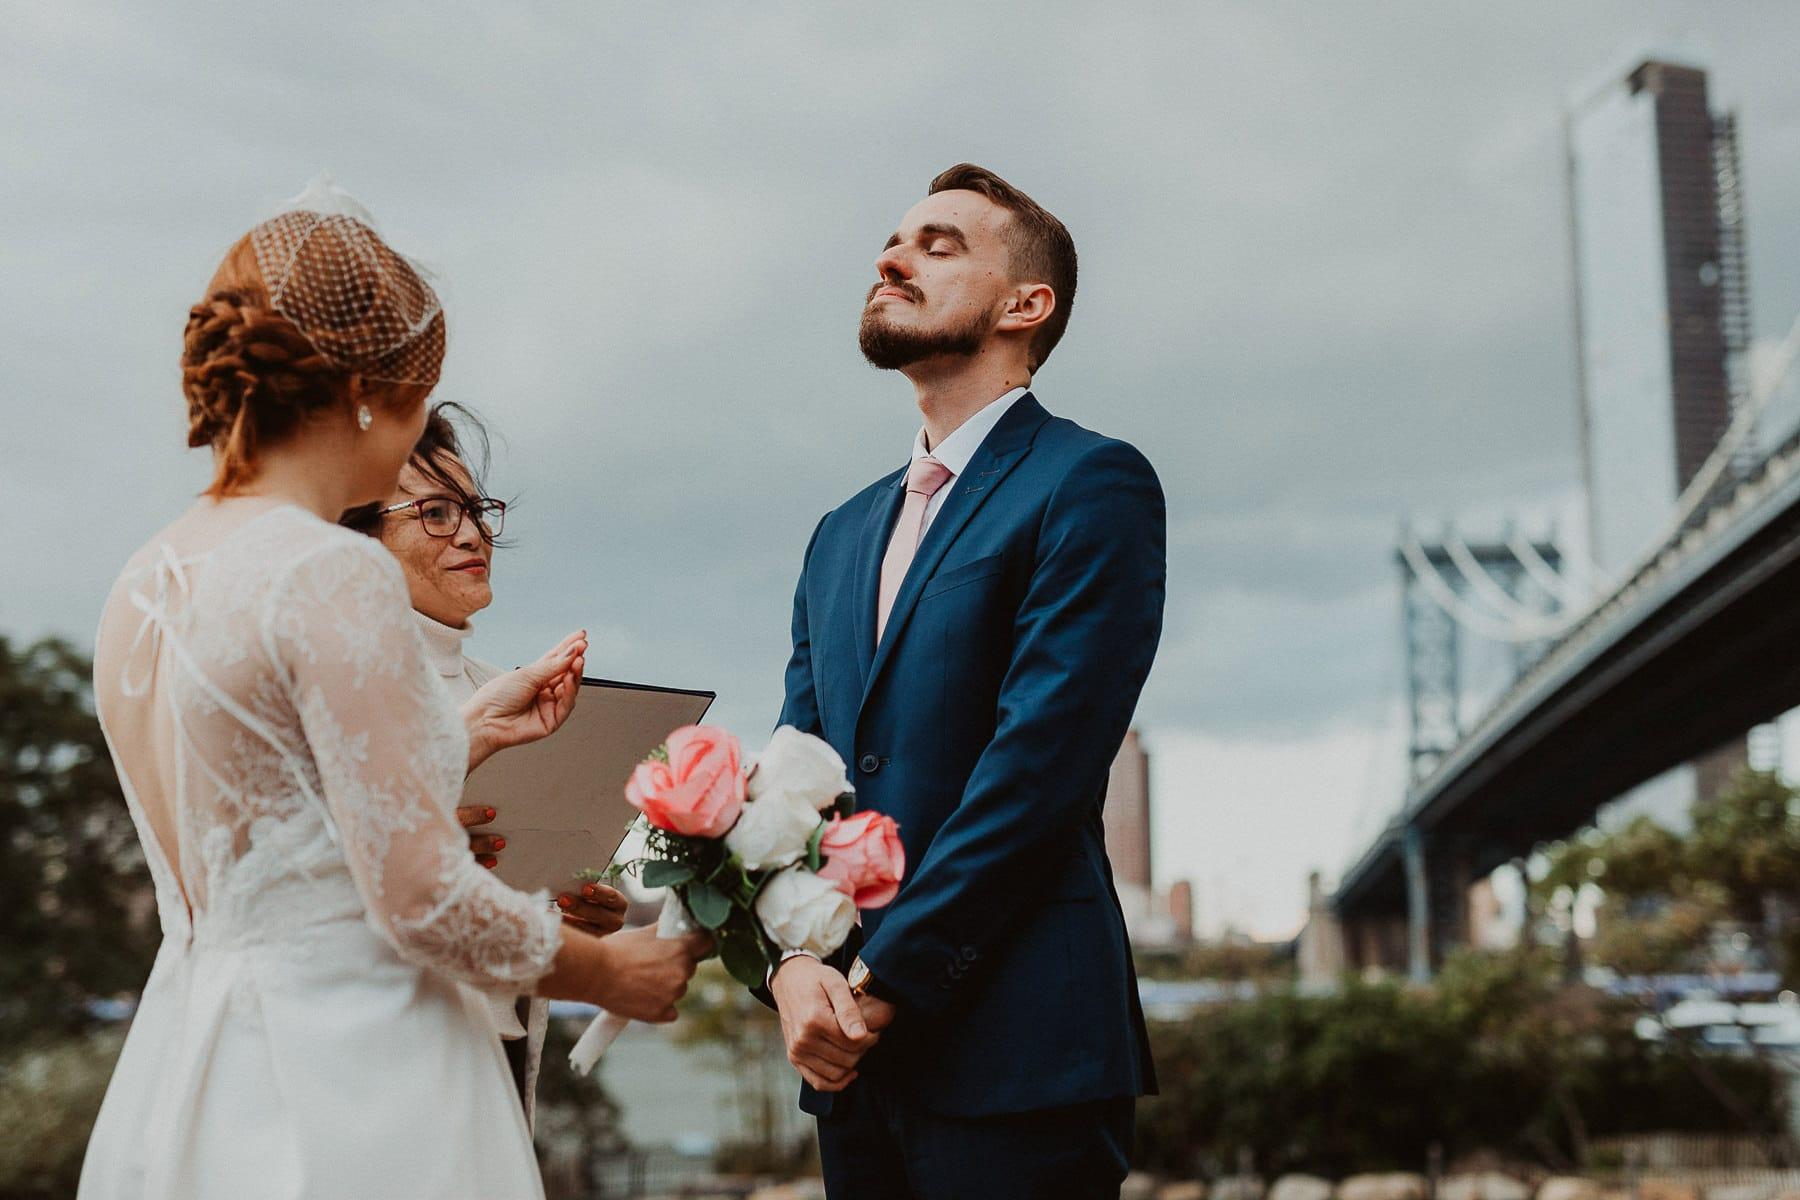 casamento brasileiro em nova york